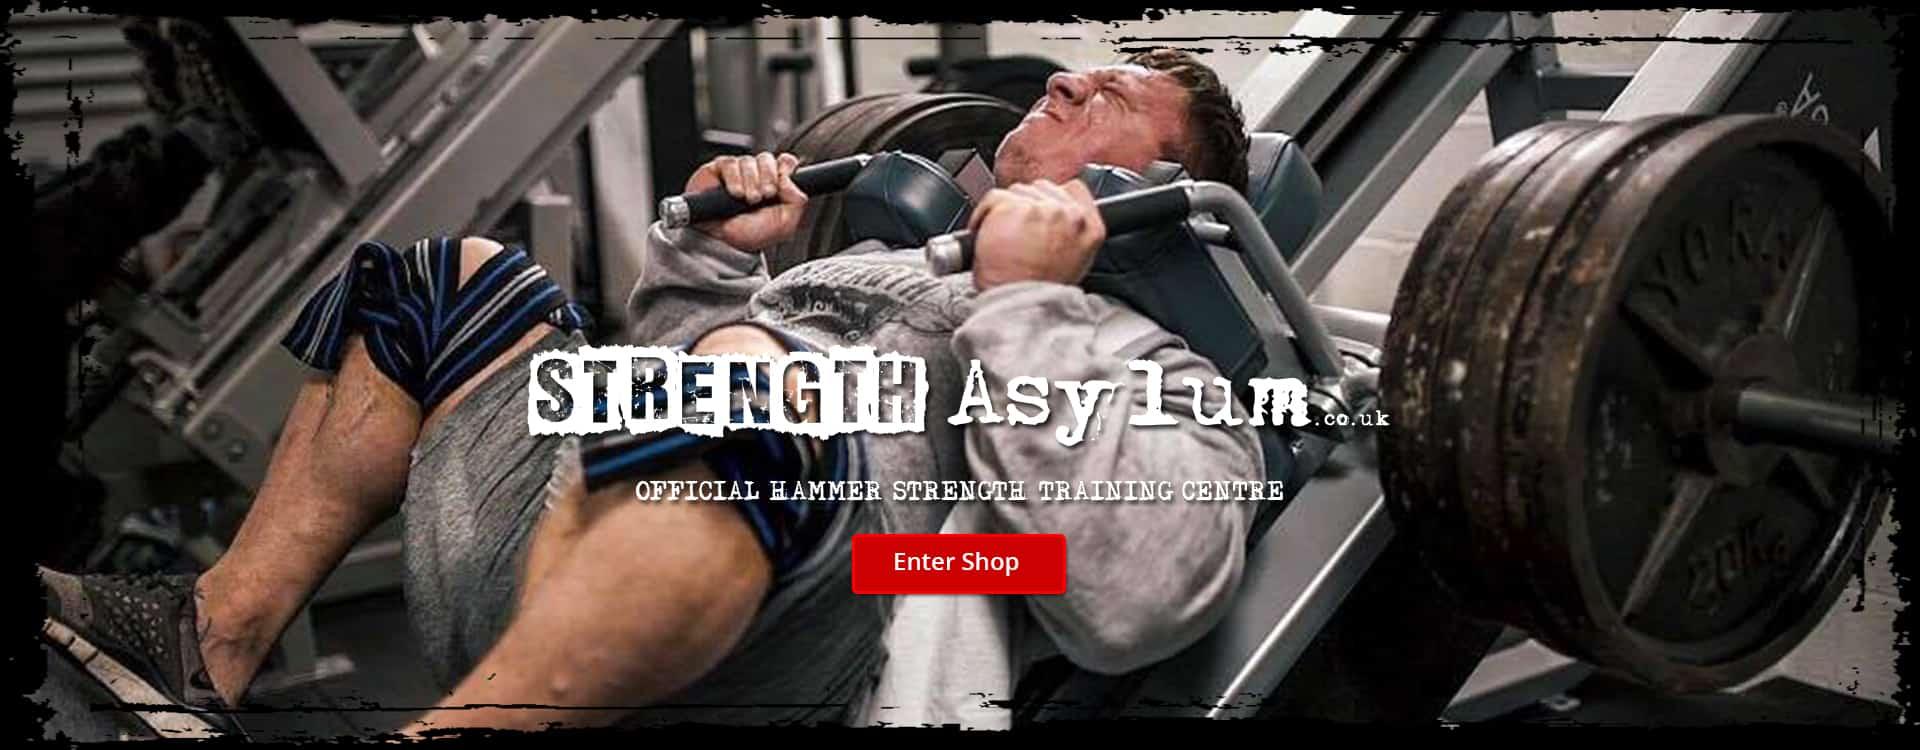 http://www.strengthasylum.co.uk/wp-content/uploads/2017/06/jordan-banner-1.jpg